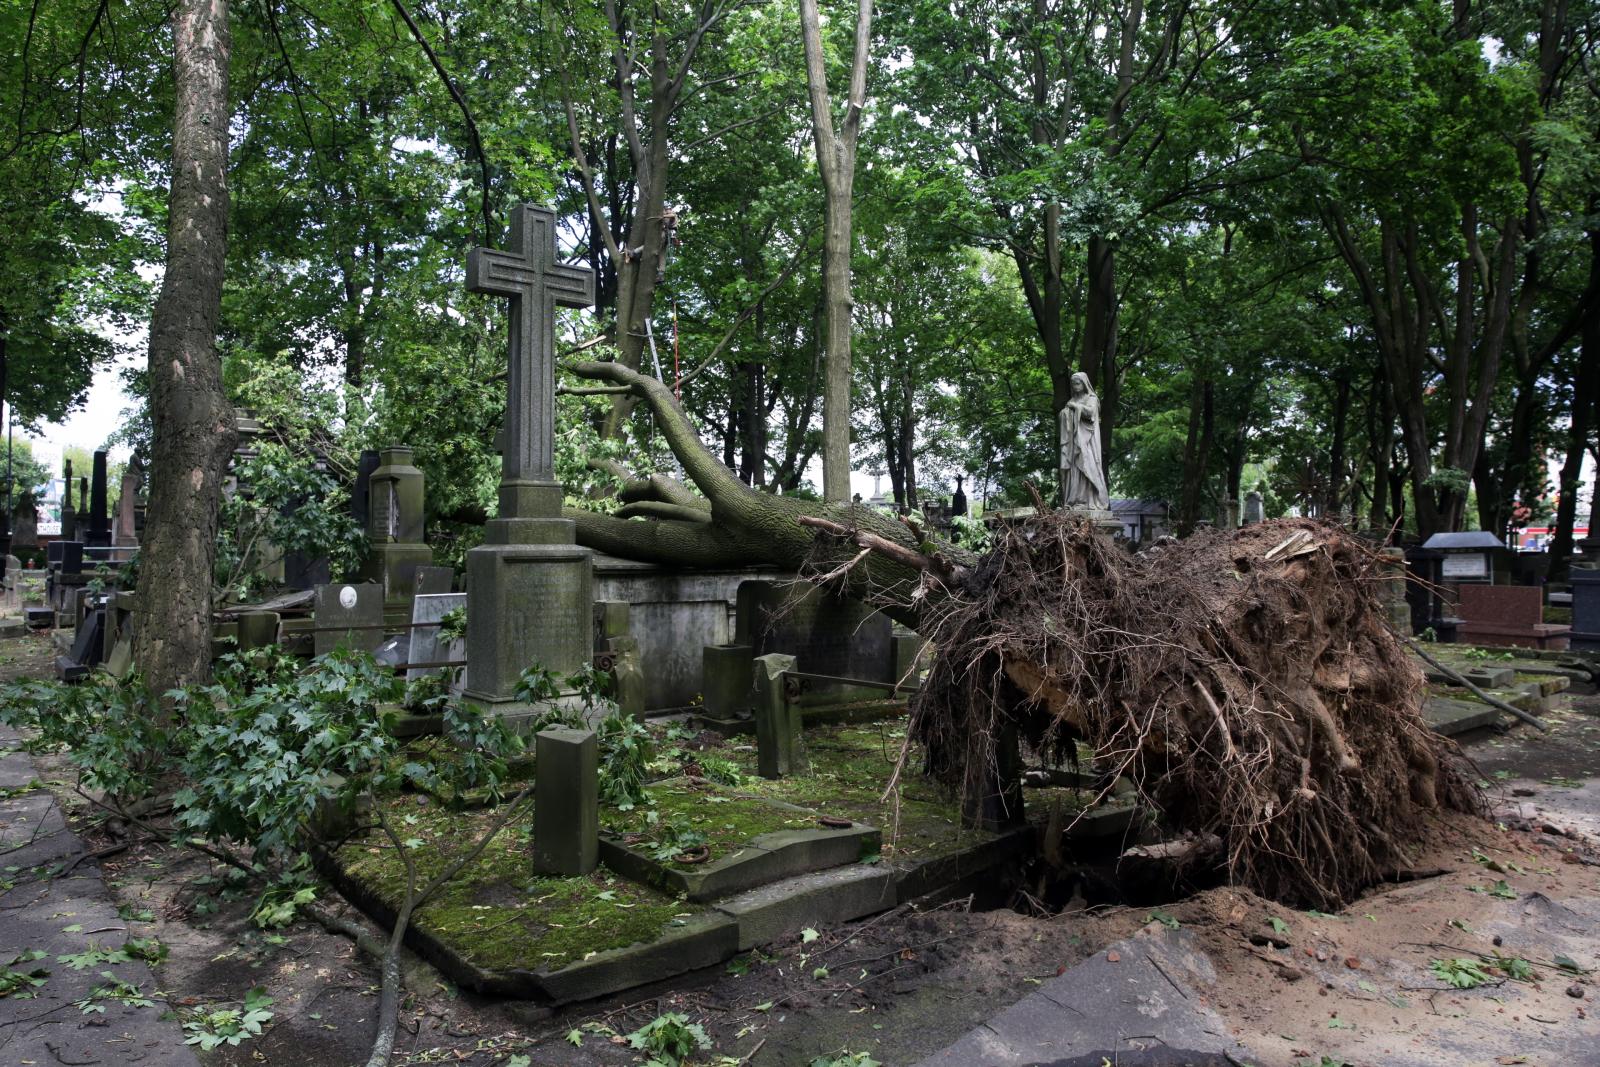 Zniszczenia na warszawskim Cmentarzu Powązkowskim spowodowane przez wichurę, która 29 czerwca br. przeszła przez stolicę. Fot. PAP/Tomasz Gzell